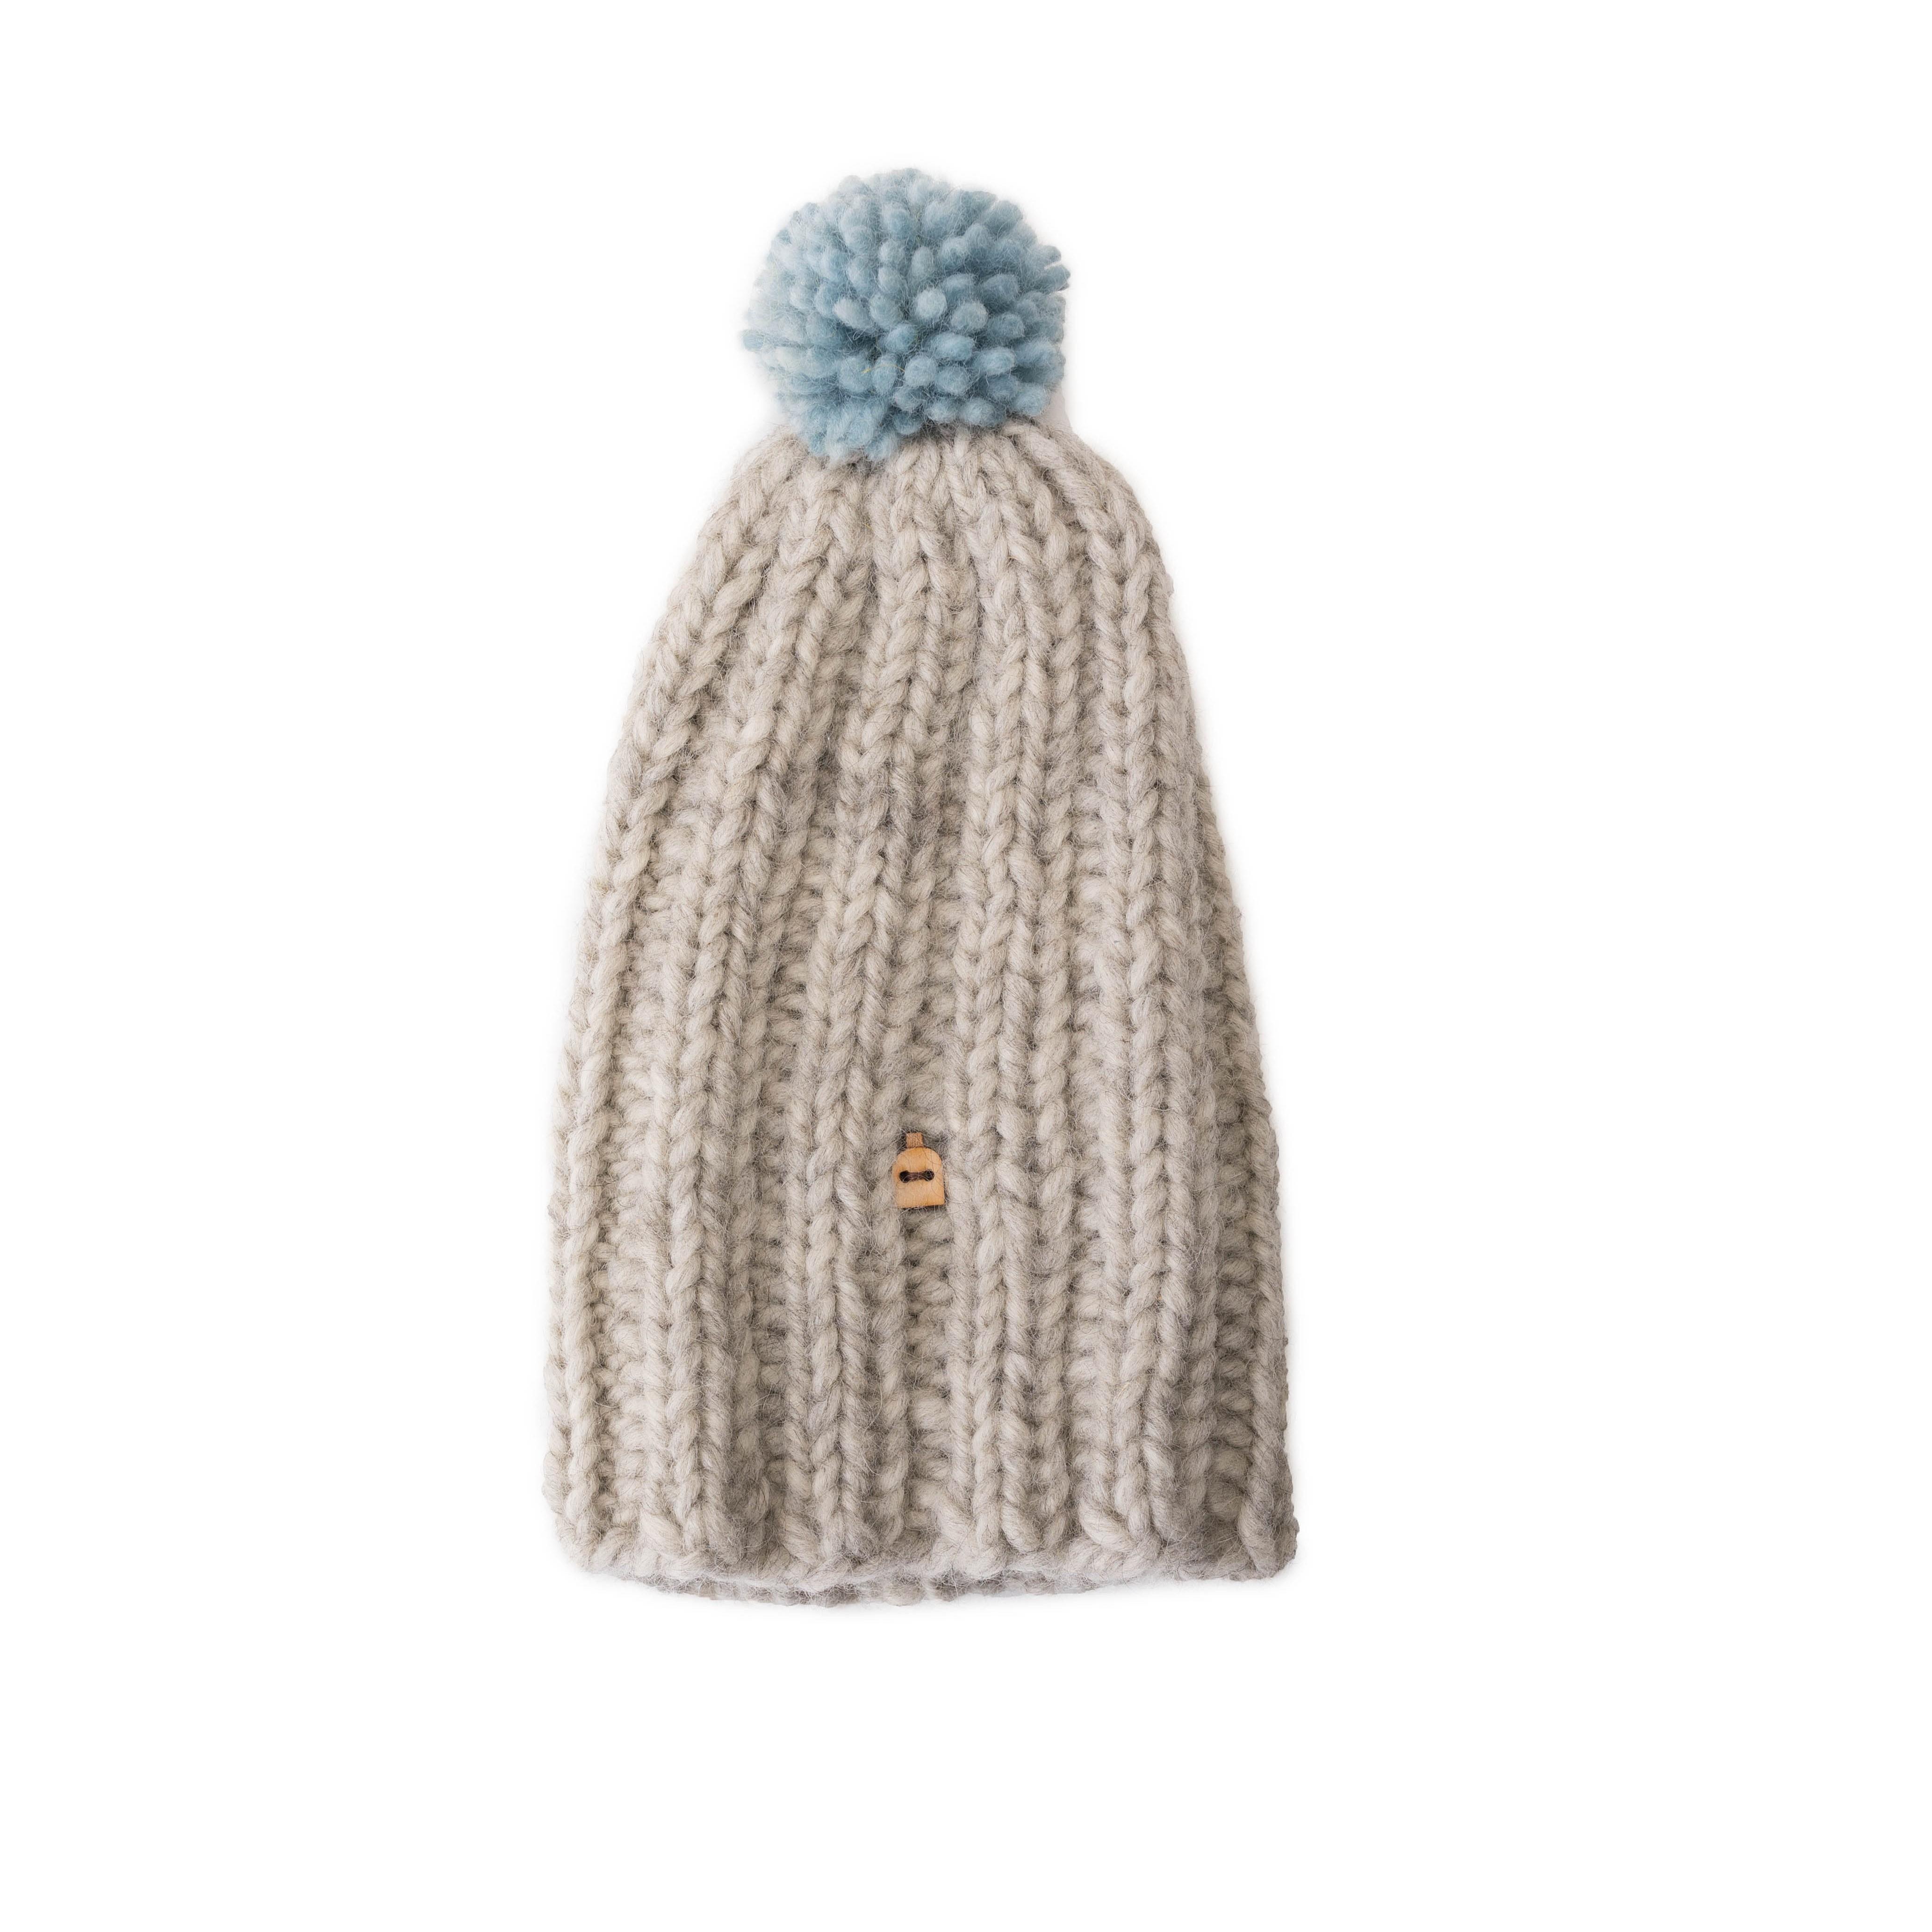 芬蘭 MYSSYFARMI Kaamos 成人手工羊毛帽 (淺灰藍球球)